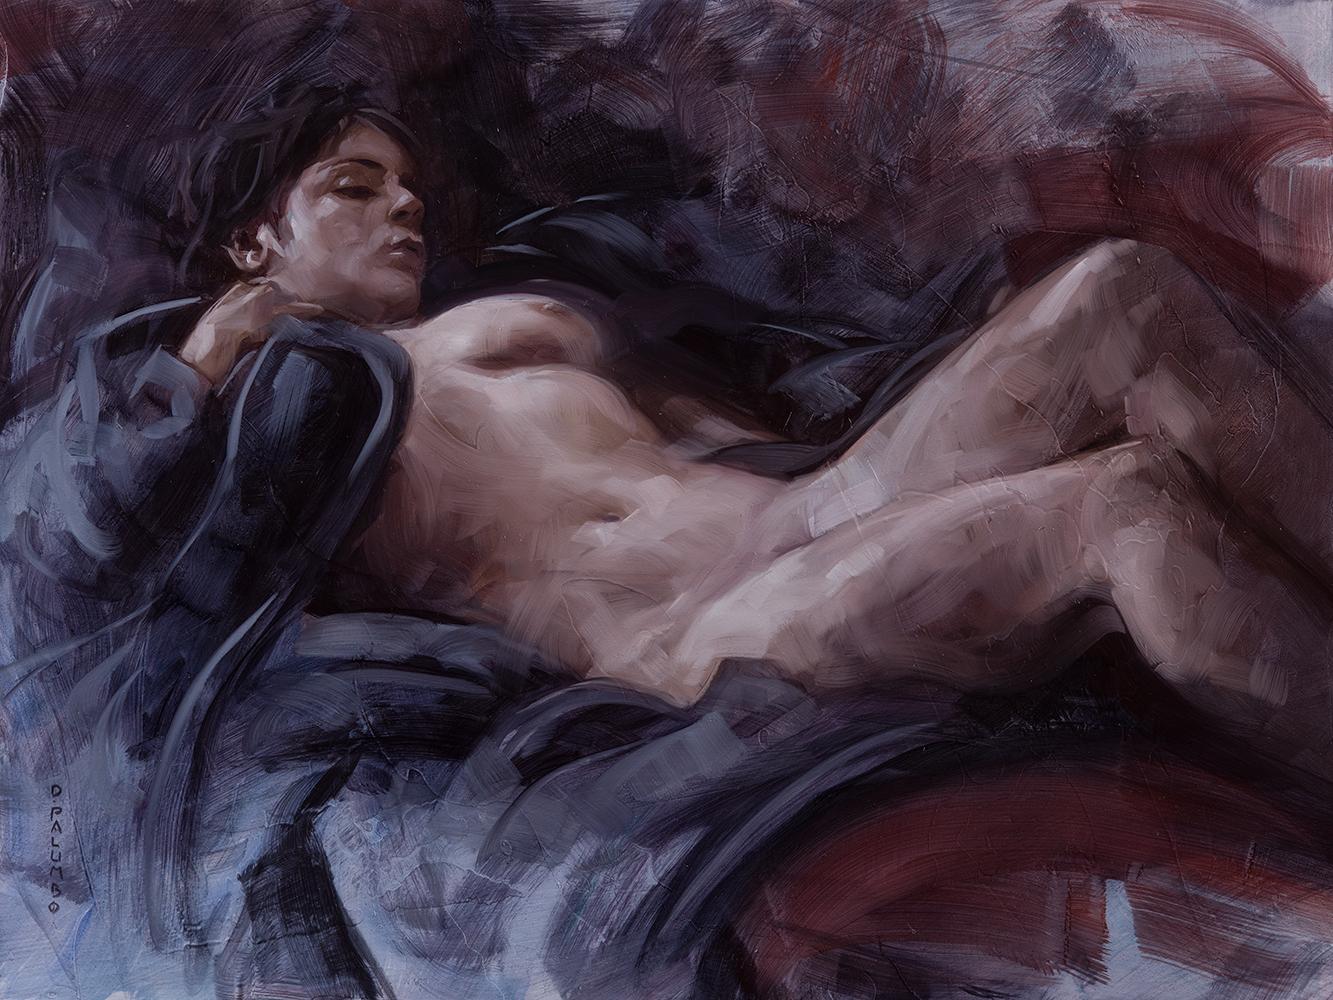 david_palumbo_dp1117_liz_reclining.jpg